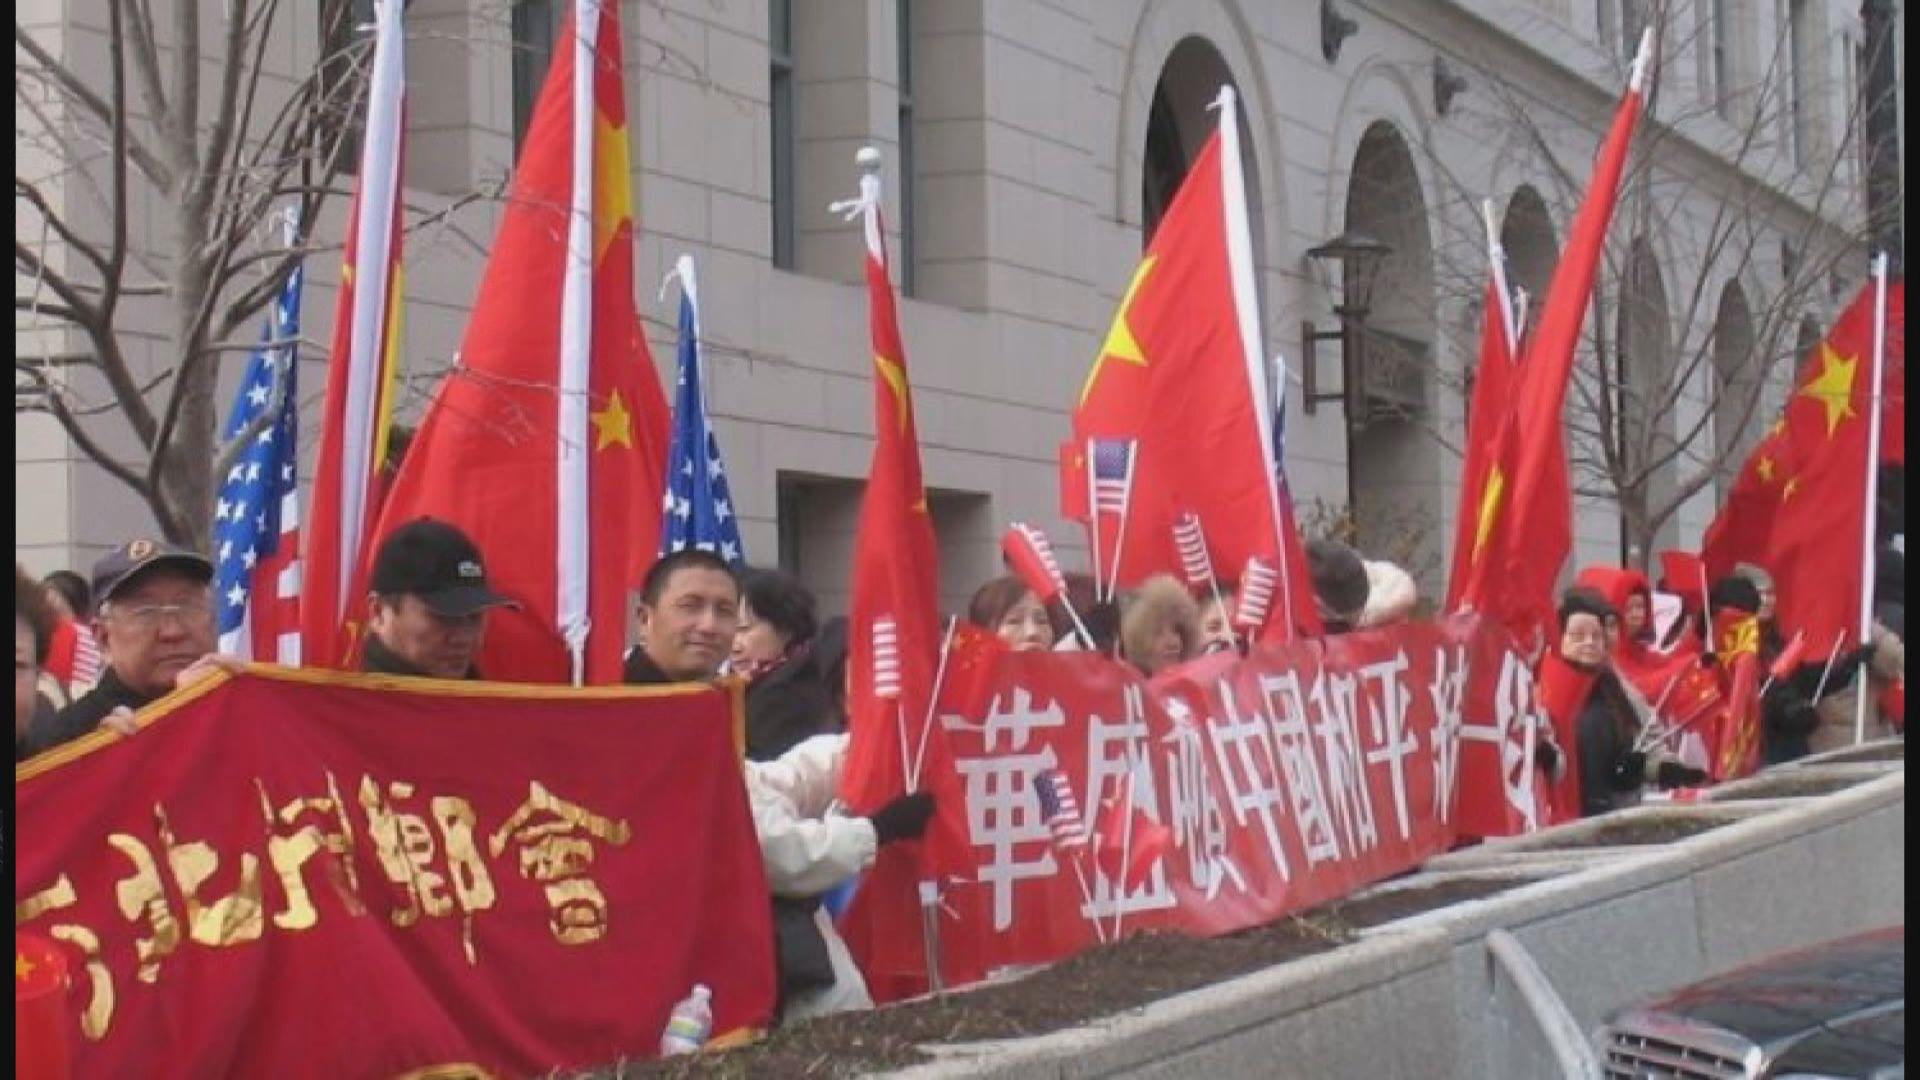 美國將中國和平統一促進會列為外國使團